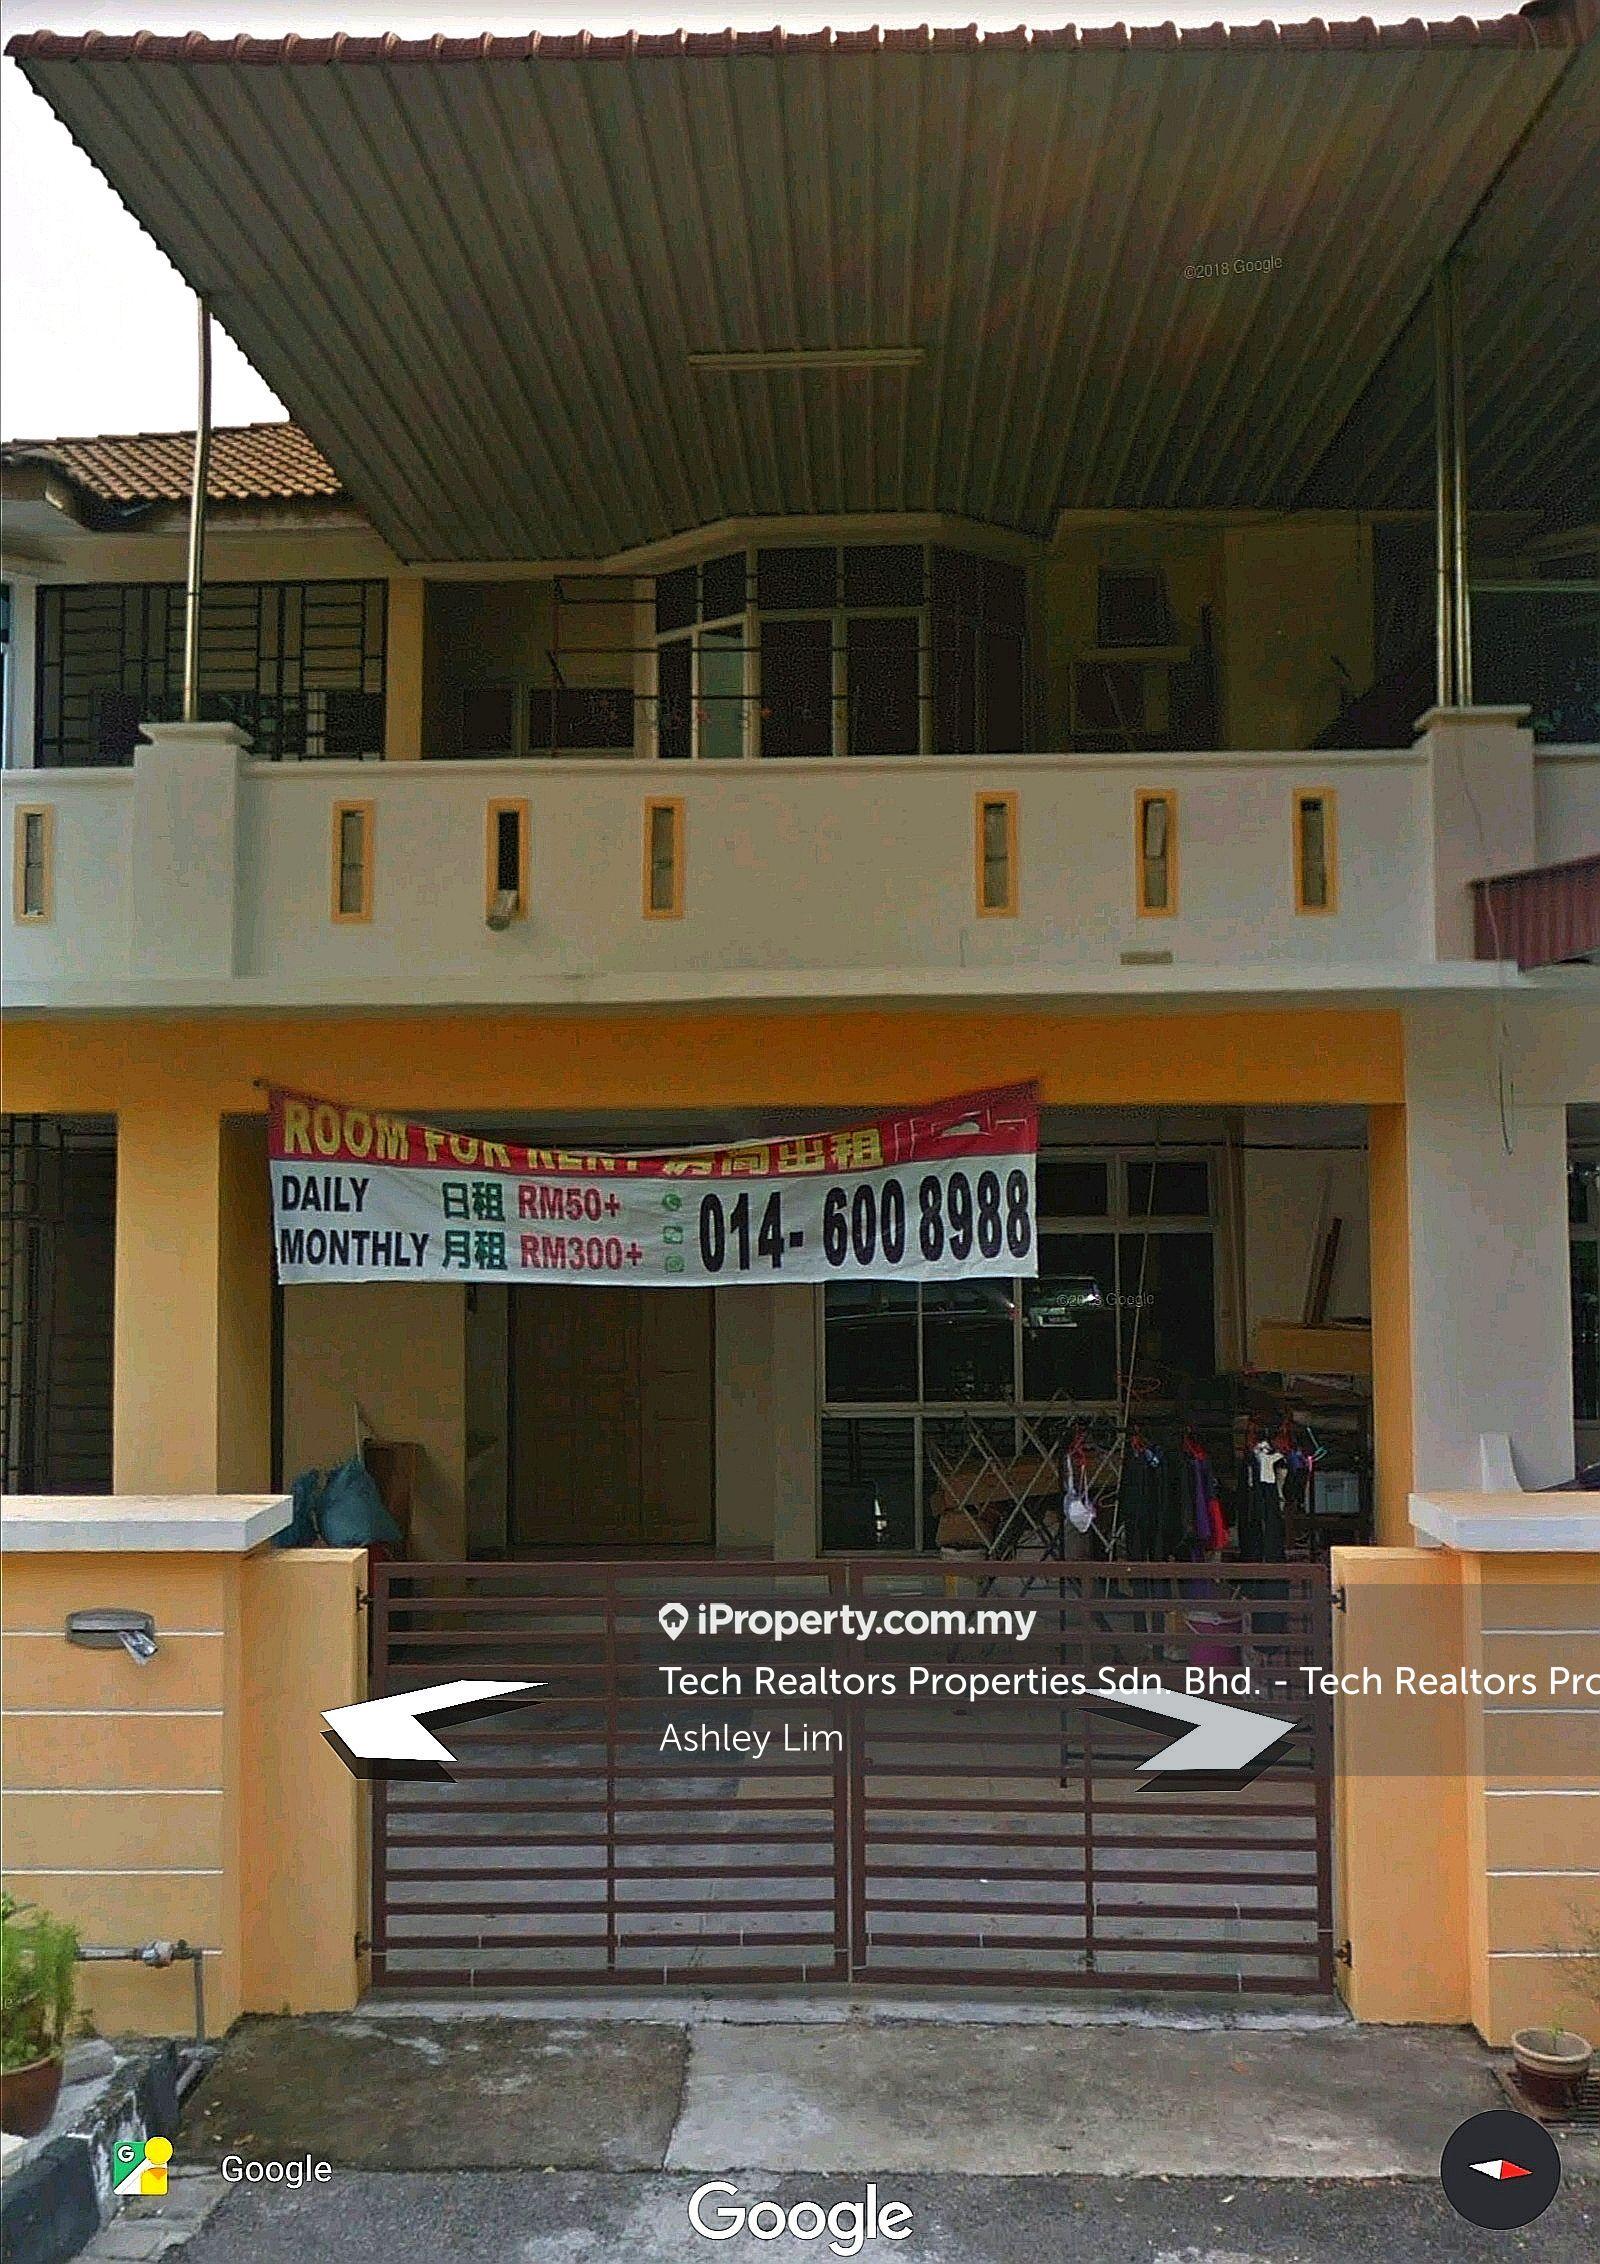 Room For Rent, Taman Sungai Rambai, Bukit Tengah , Bukit Mertajam